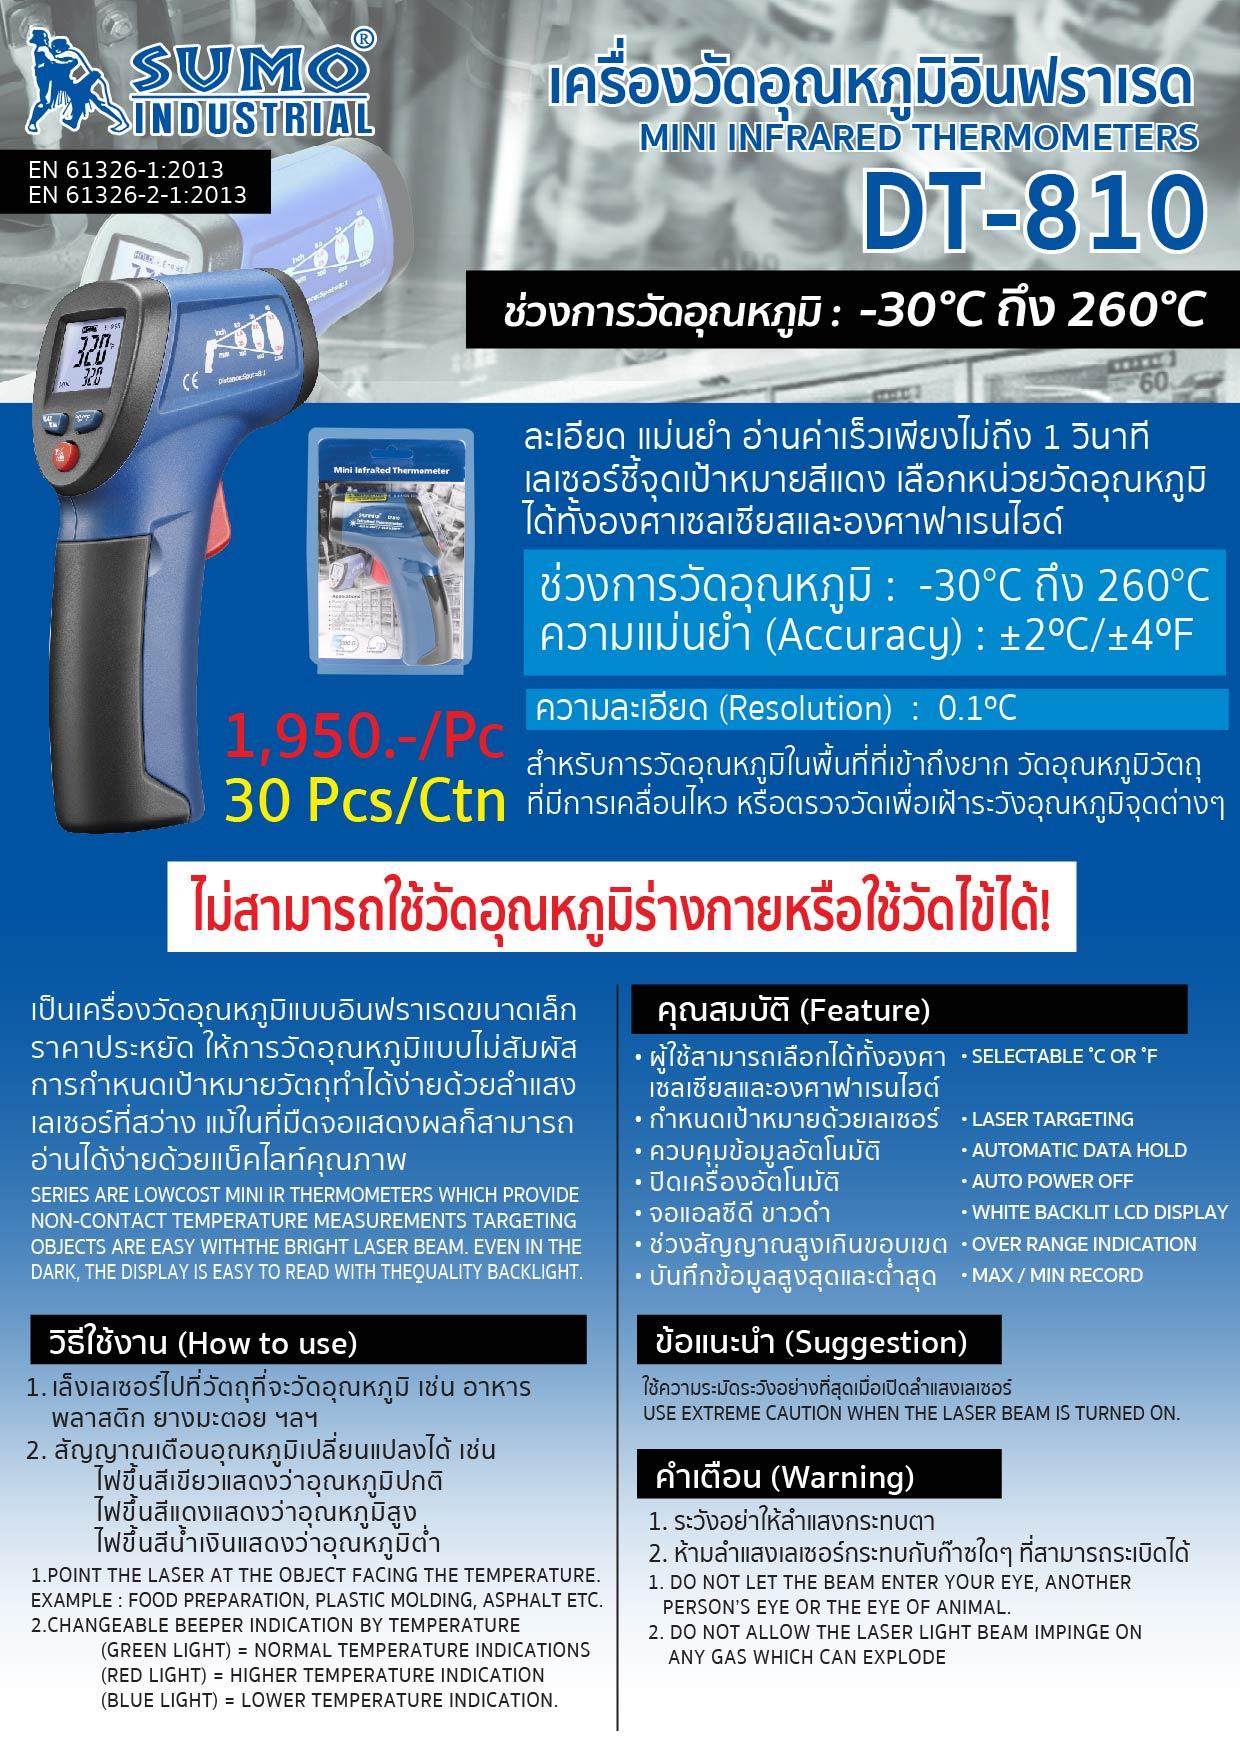 (76/188) เครื่องวัดอุณหภูมิอินฟราเรด รุ่น DT-810 - Mini Infrared Thermometer